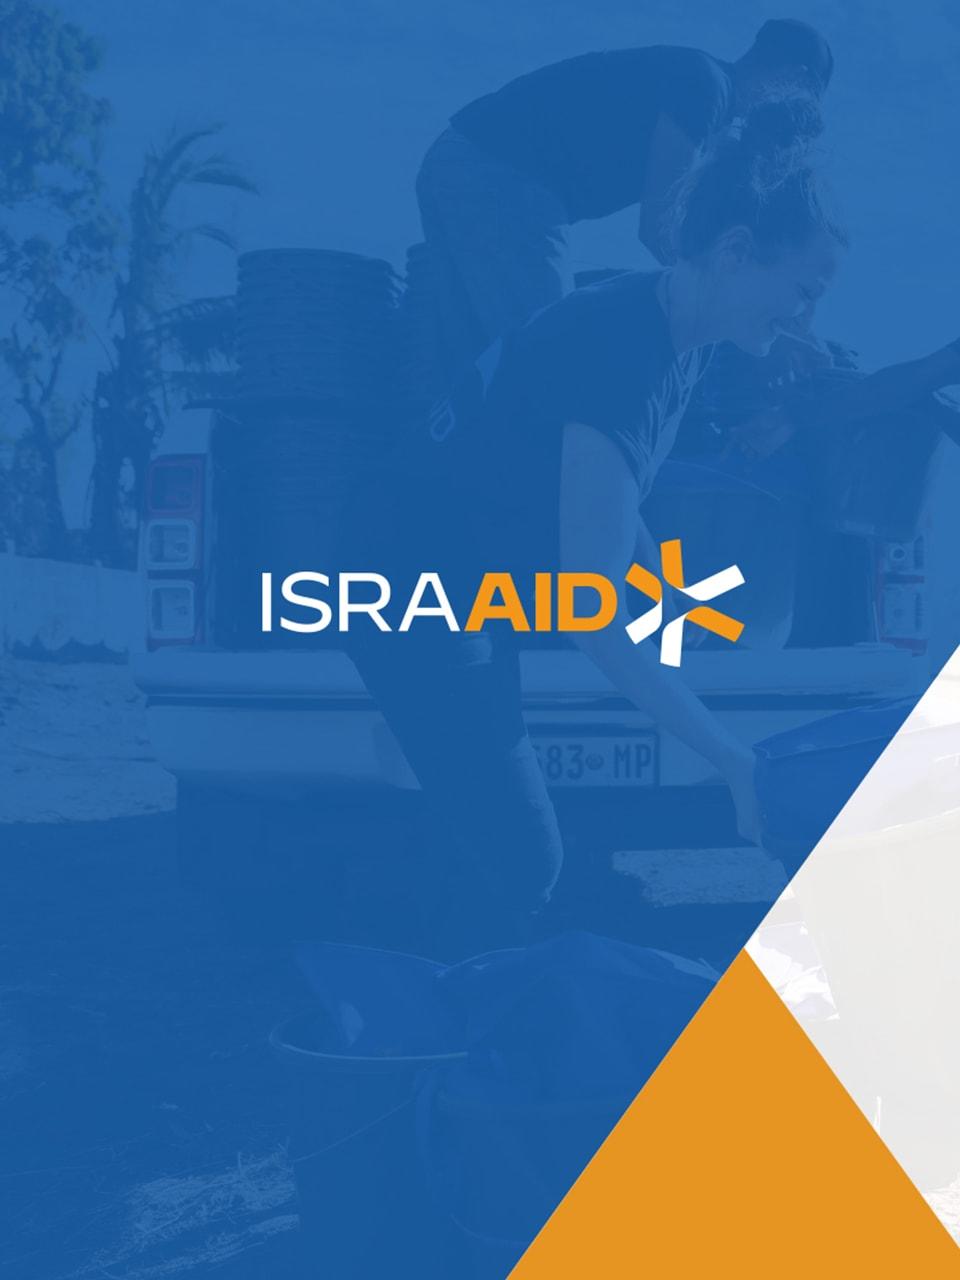 Israaid_Mobile - Natie Branding Agency